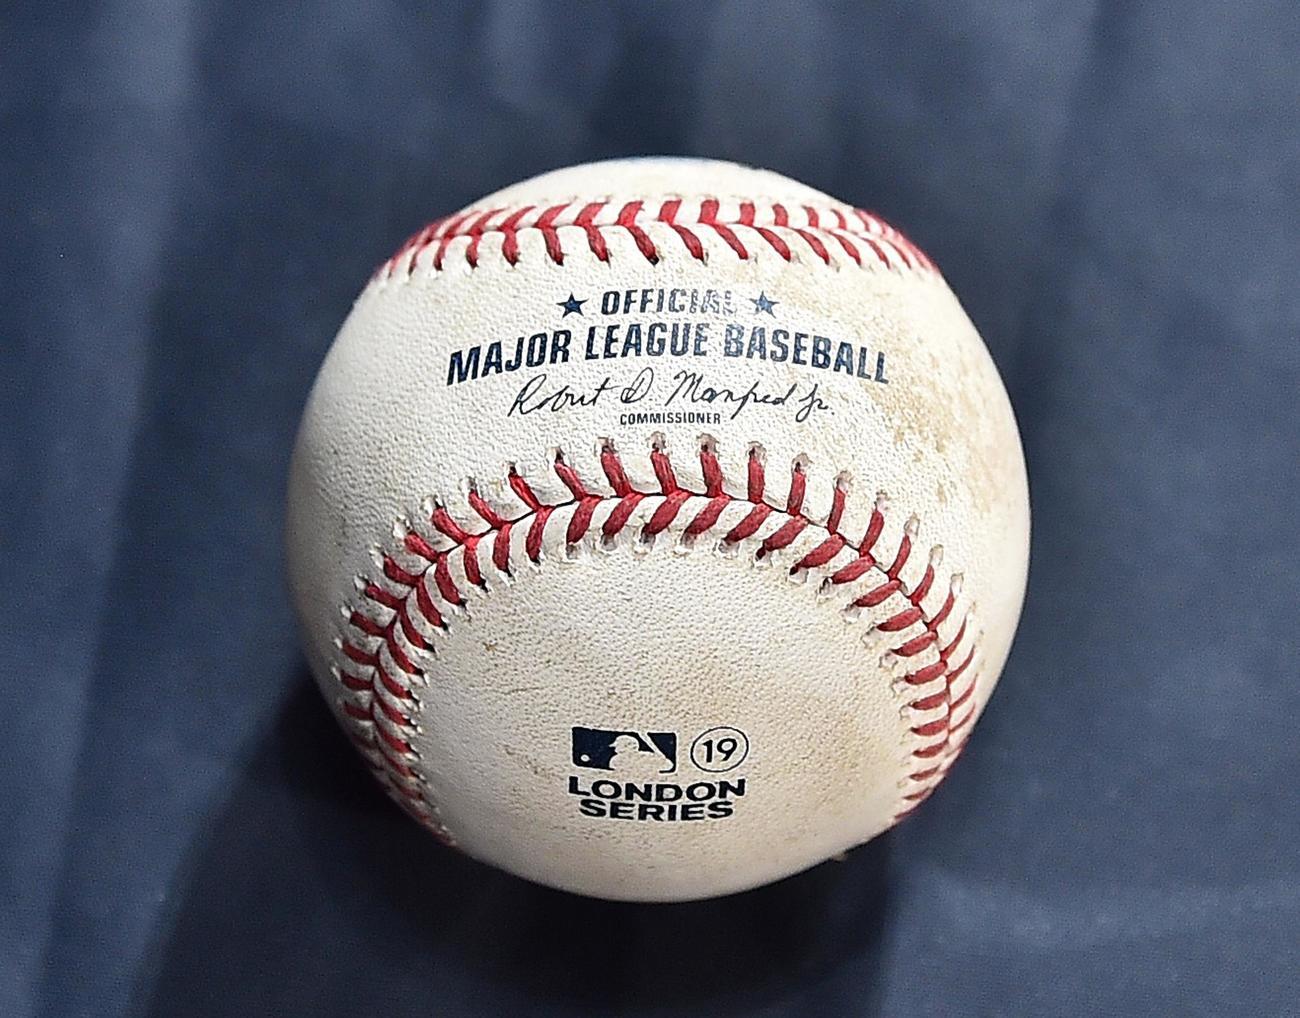 19年6月、ロンドンシリーズ・レッドソックス対ヤンキースの初戦で使用されたボール